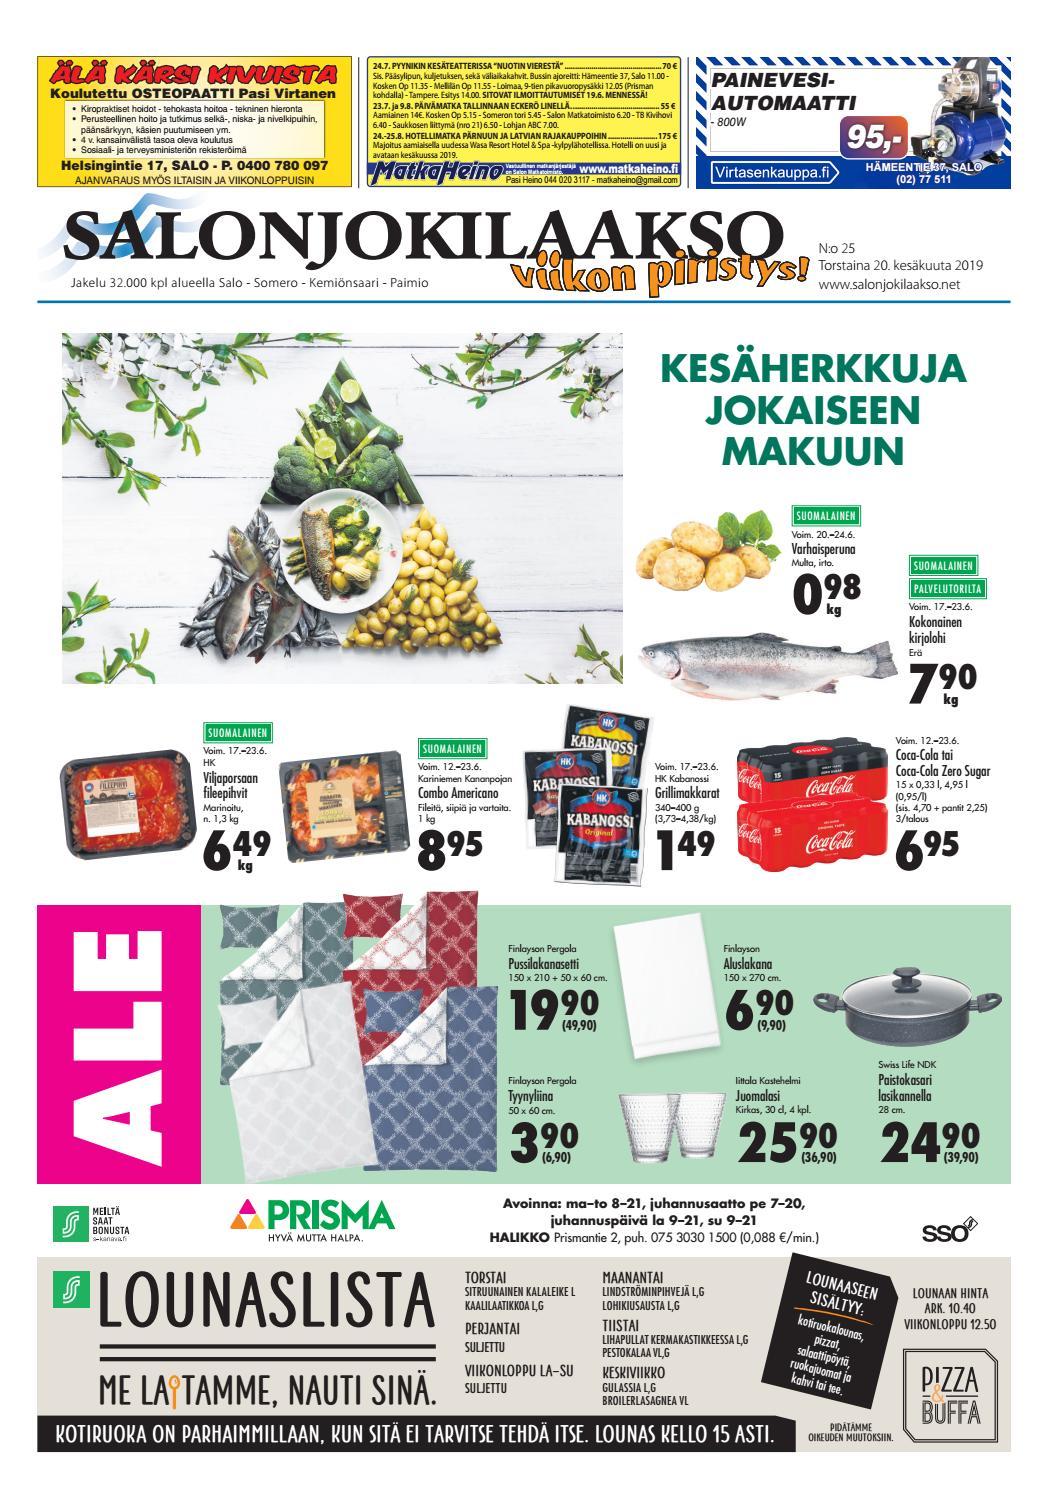 Salonjokilaakso vko 25 2019 by Salonjokilaakso lehti - issuu